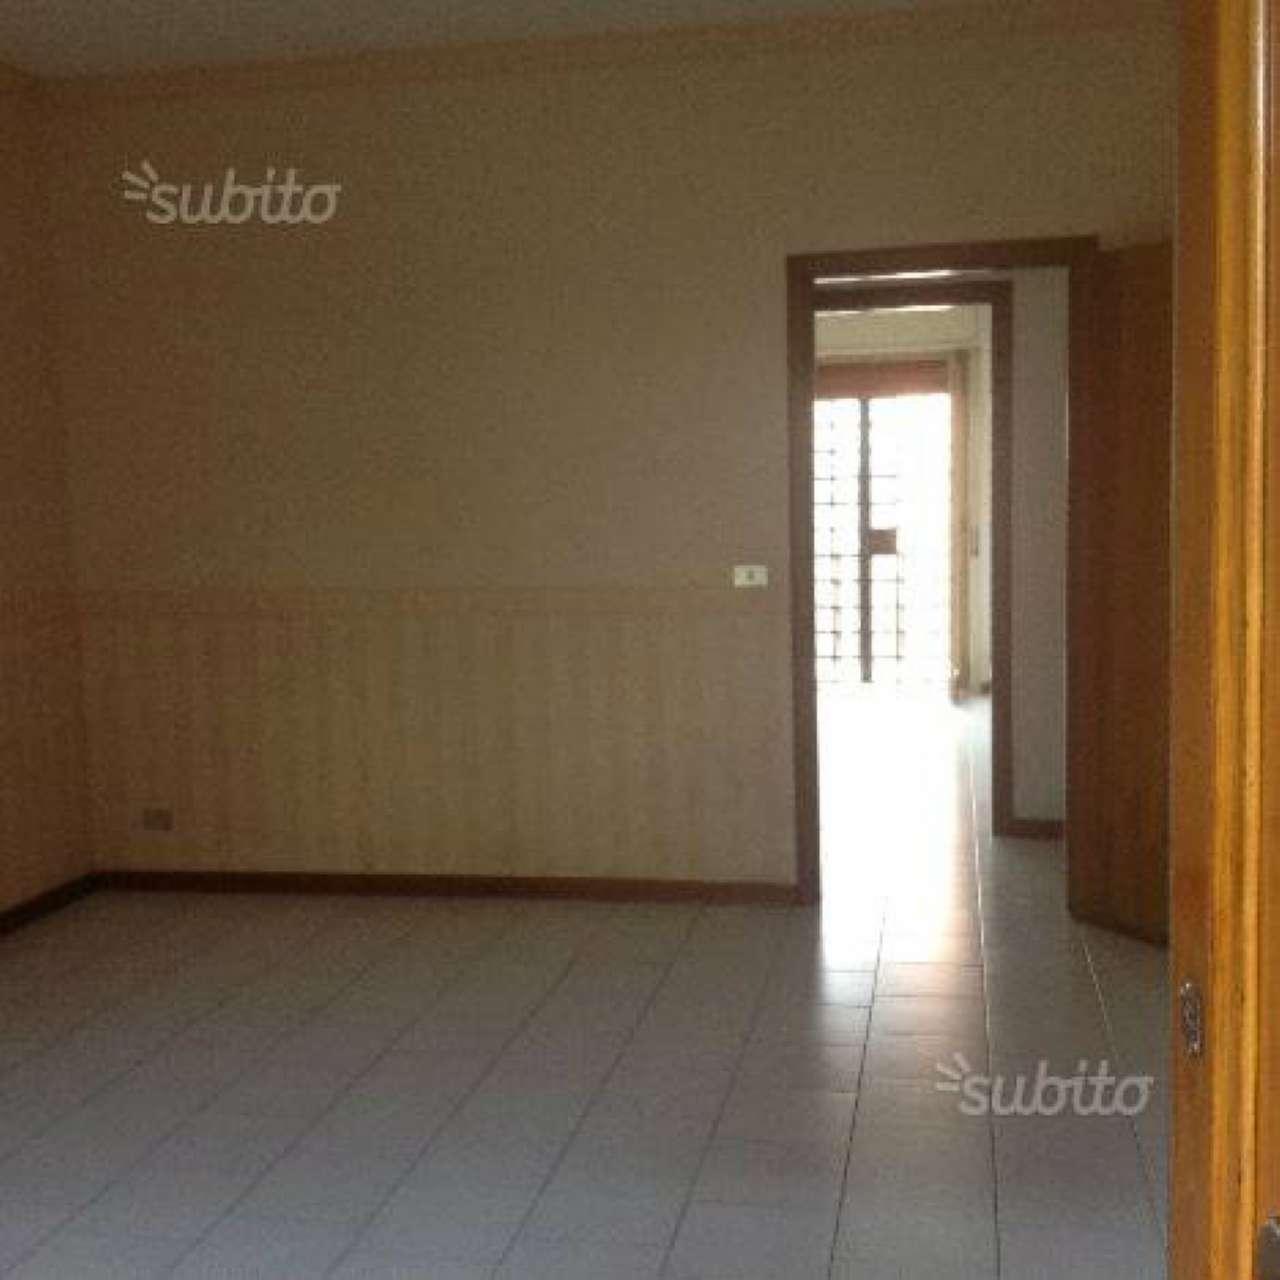 Appartamento in affitto a Gravina di Catania, 9999 locali, prezzo € 450 | Cambio Casa.it